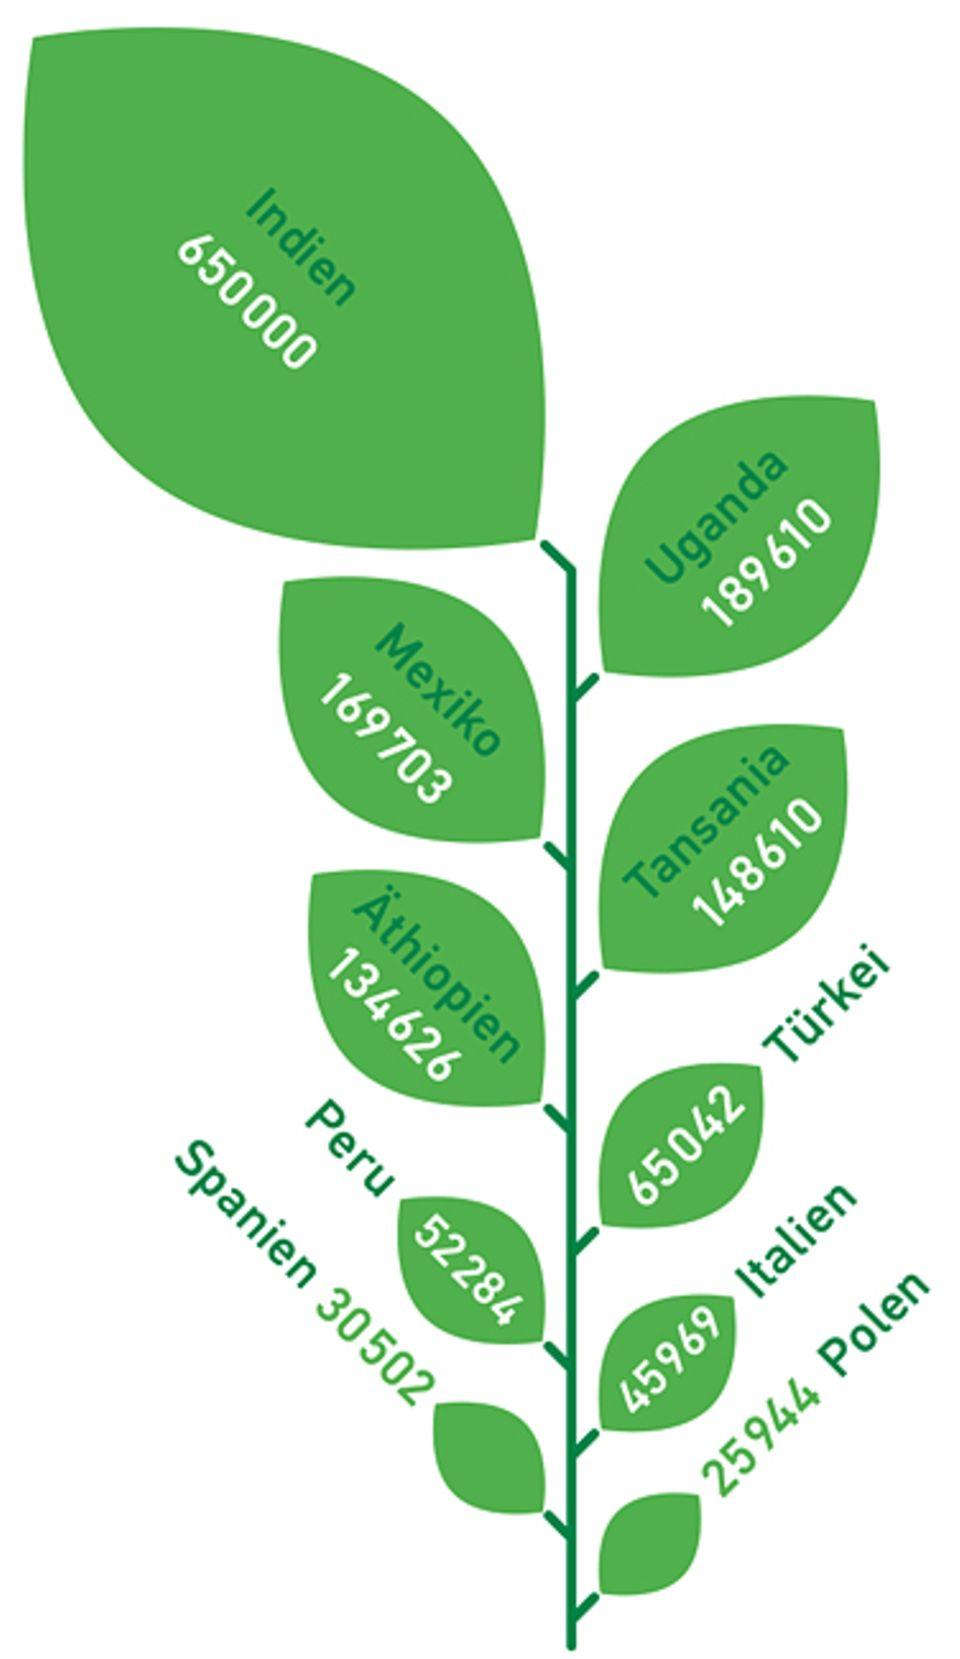 Biolandbau in Zahlen: Anzahl der zertifizierten Bio-Produzenten